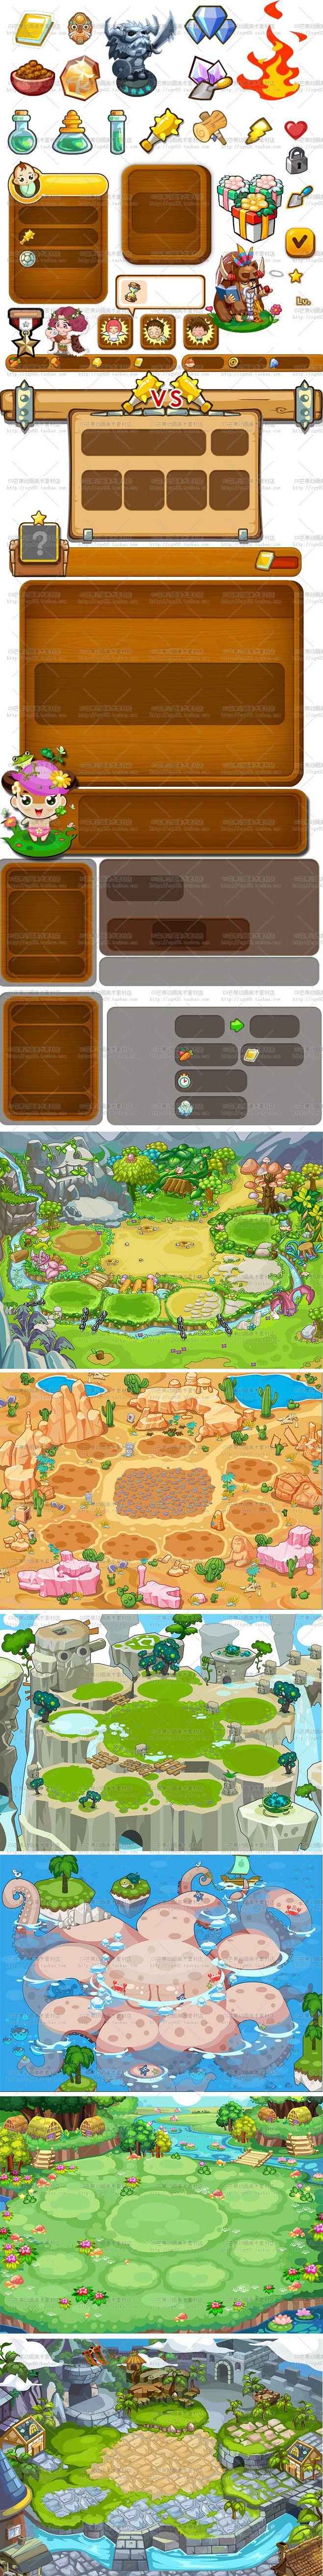 游戏美术资源/Q版卡通游戏UI素材/界面...